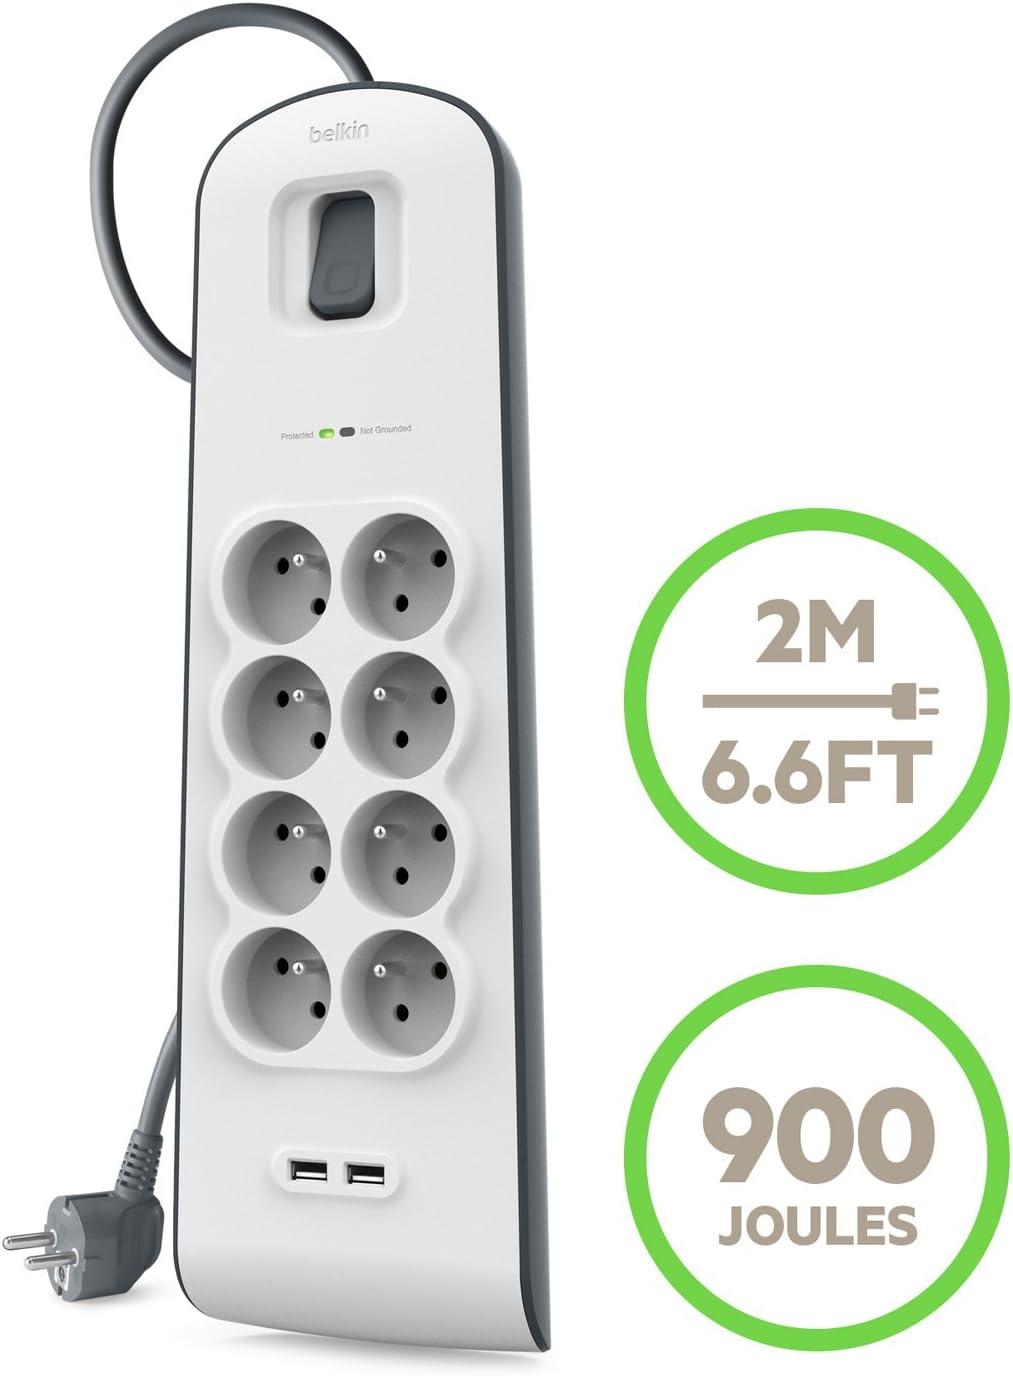 Multiprise Parafoudre Rallonge BELKIN 8 Prises 220V 2 Ports USB cordon 2m BLANC